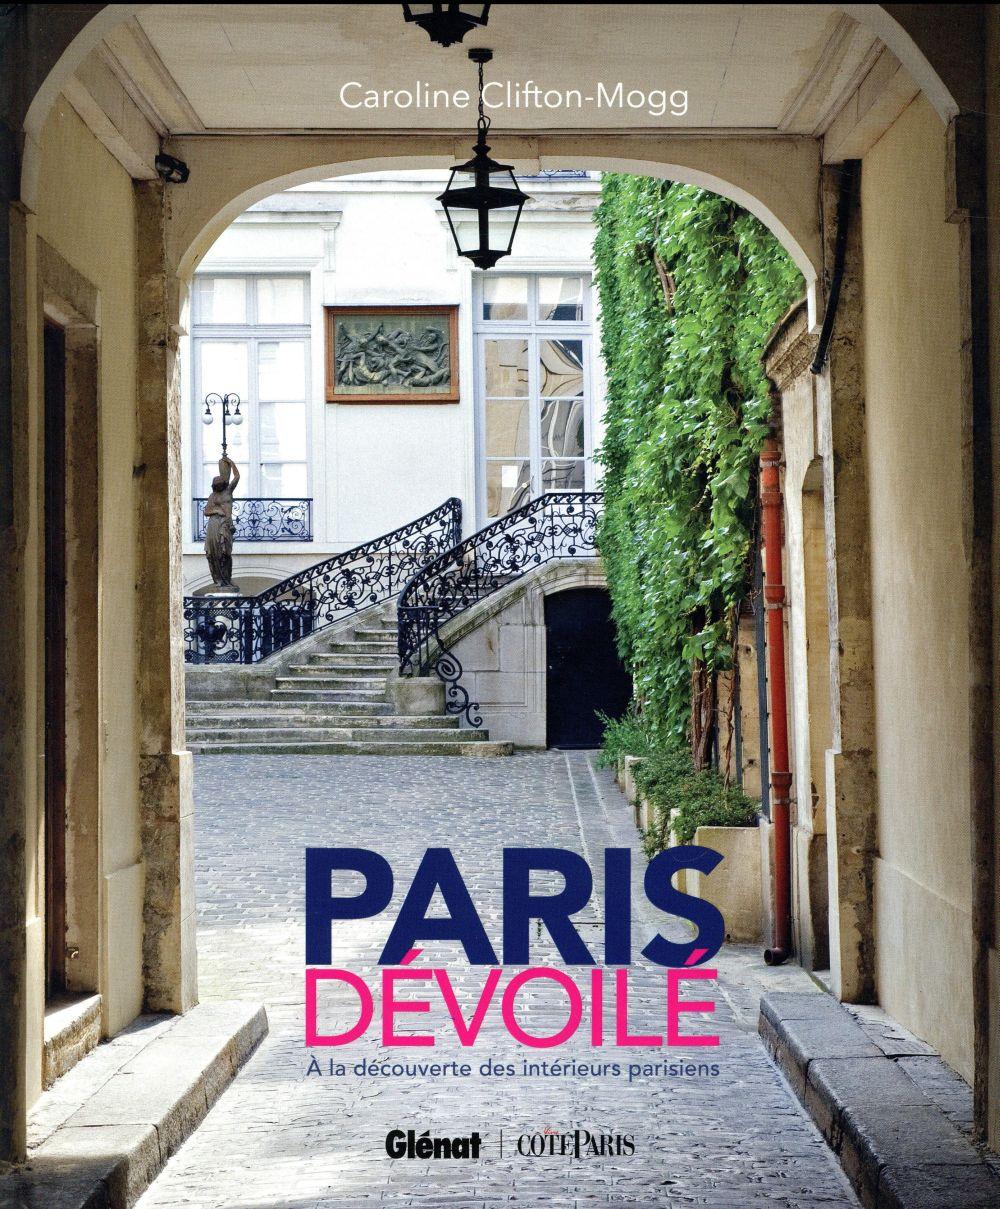 PARIS DEVOILE  -  A LA DECOUVERTE DES INTERIEURS PARISIENS